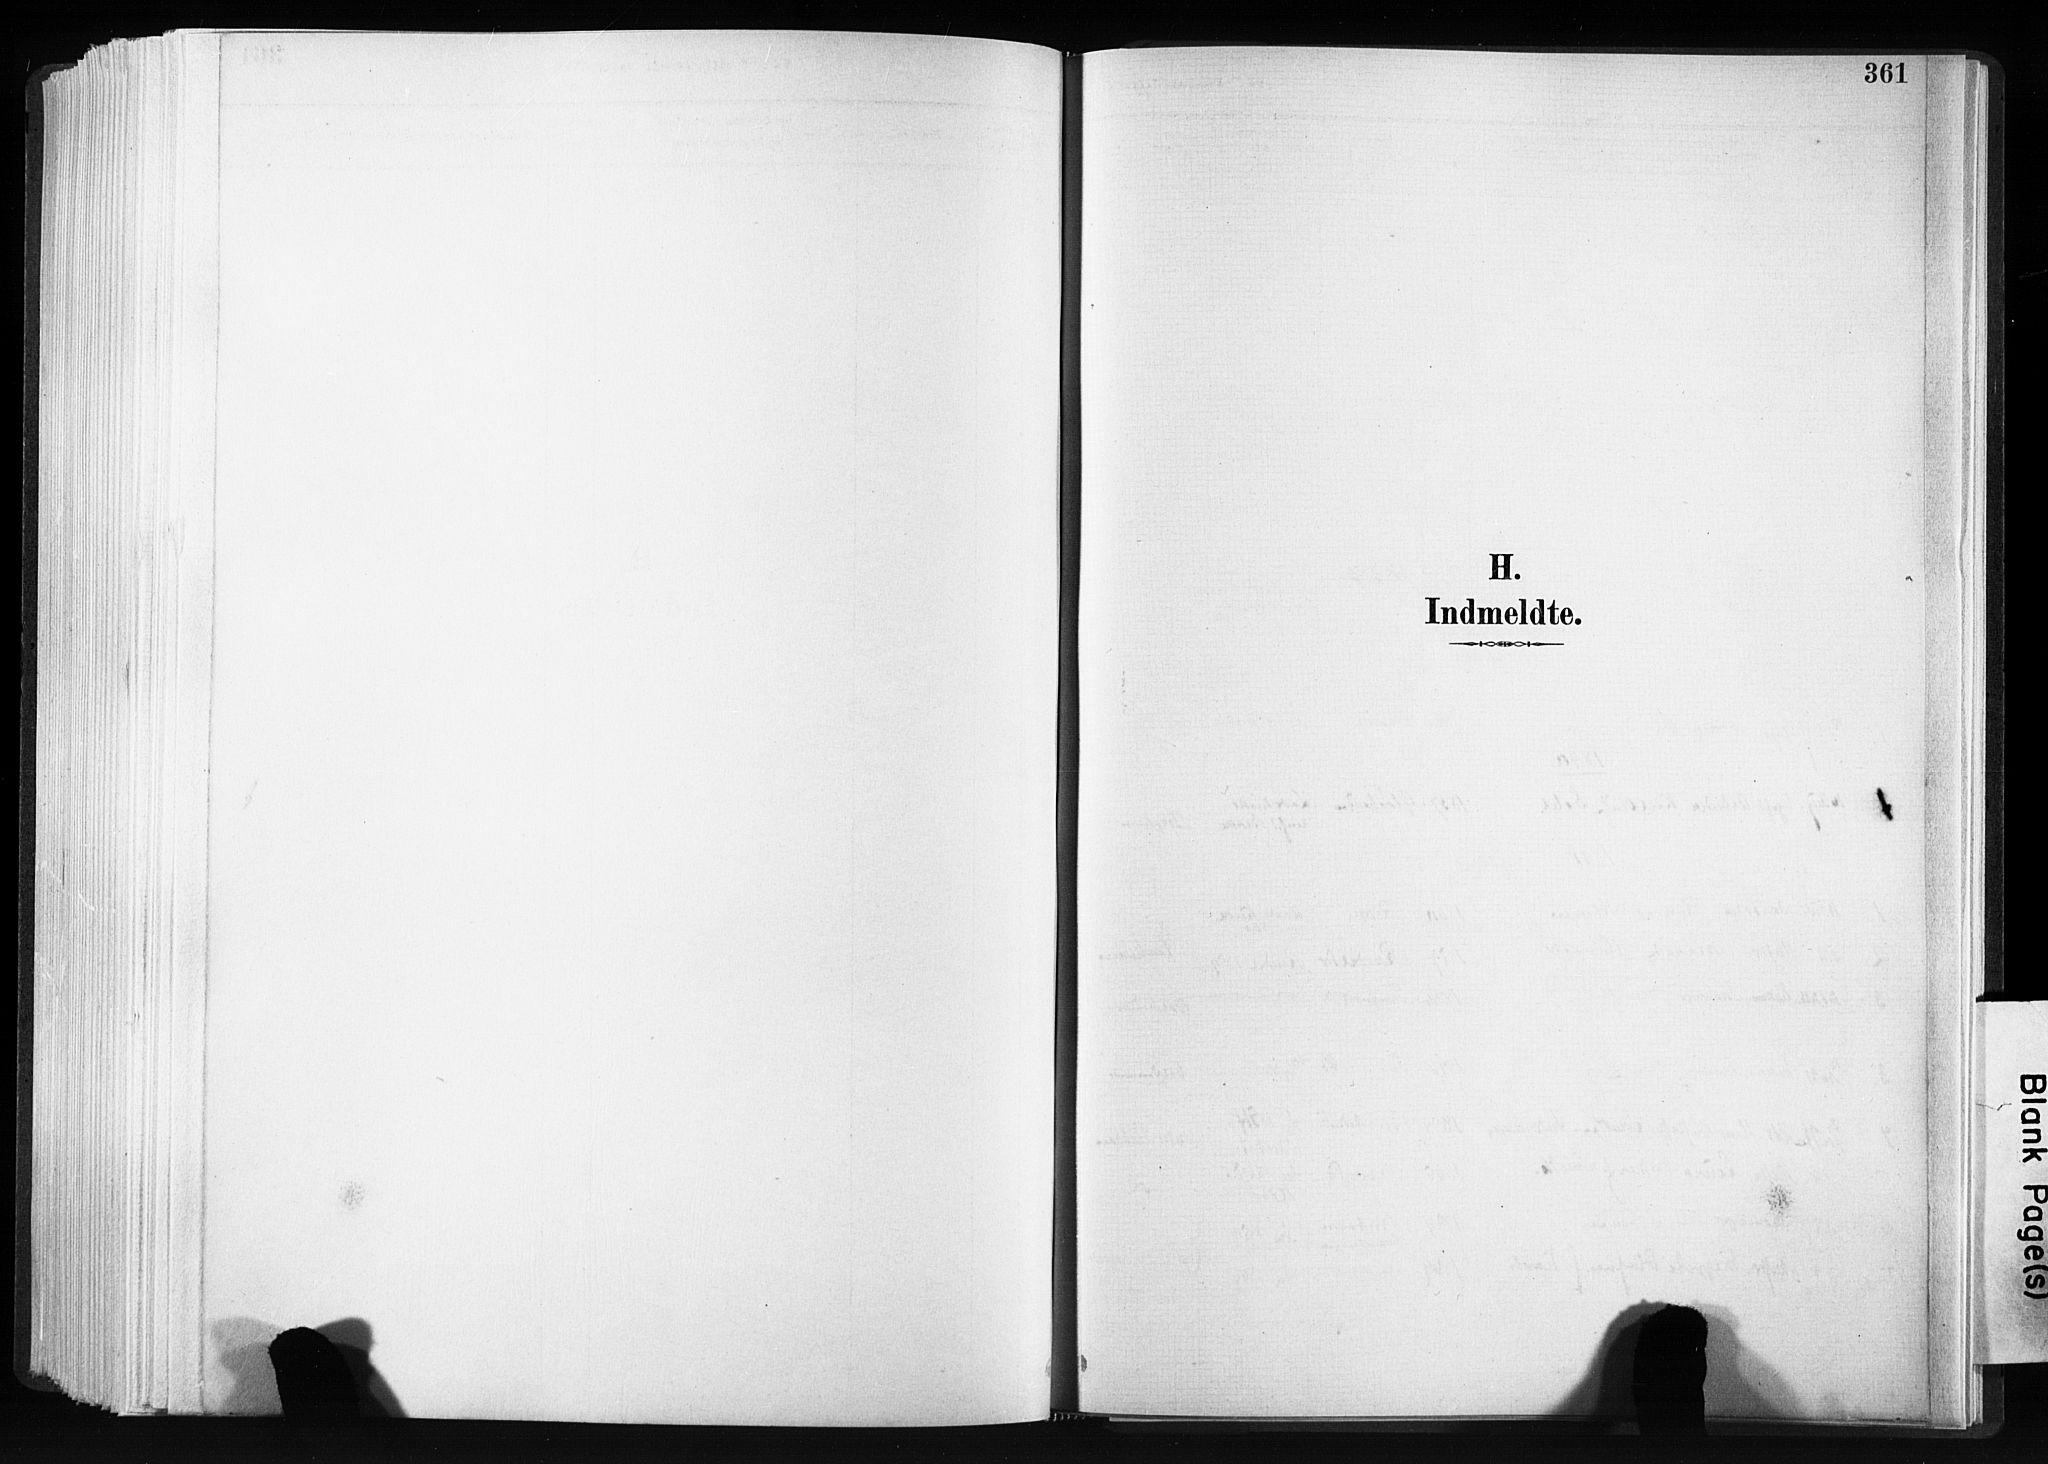 SAT, Ministerialprotokoller, klokkerbøker og fødselsregistre - Sør-Trøndelag, 606/L0300: Ministerialbok nr. 606A15, 1886-1893, s. 361